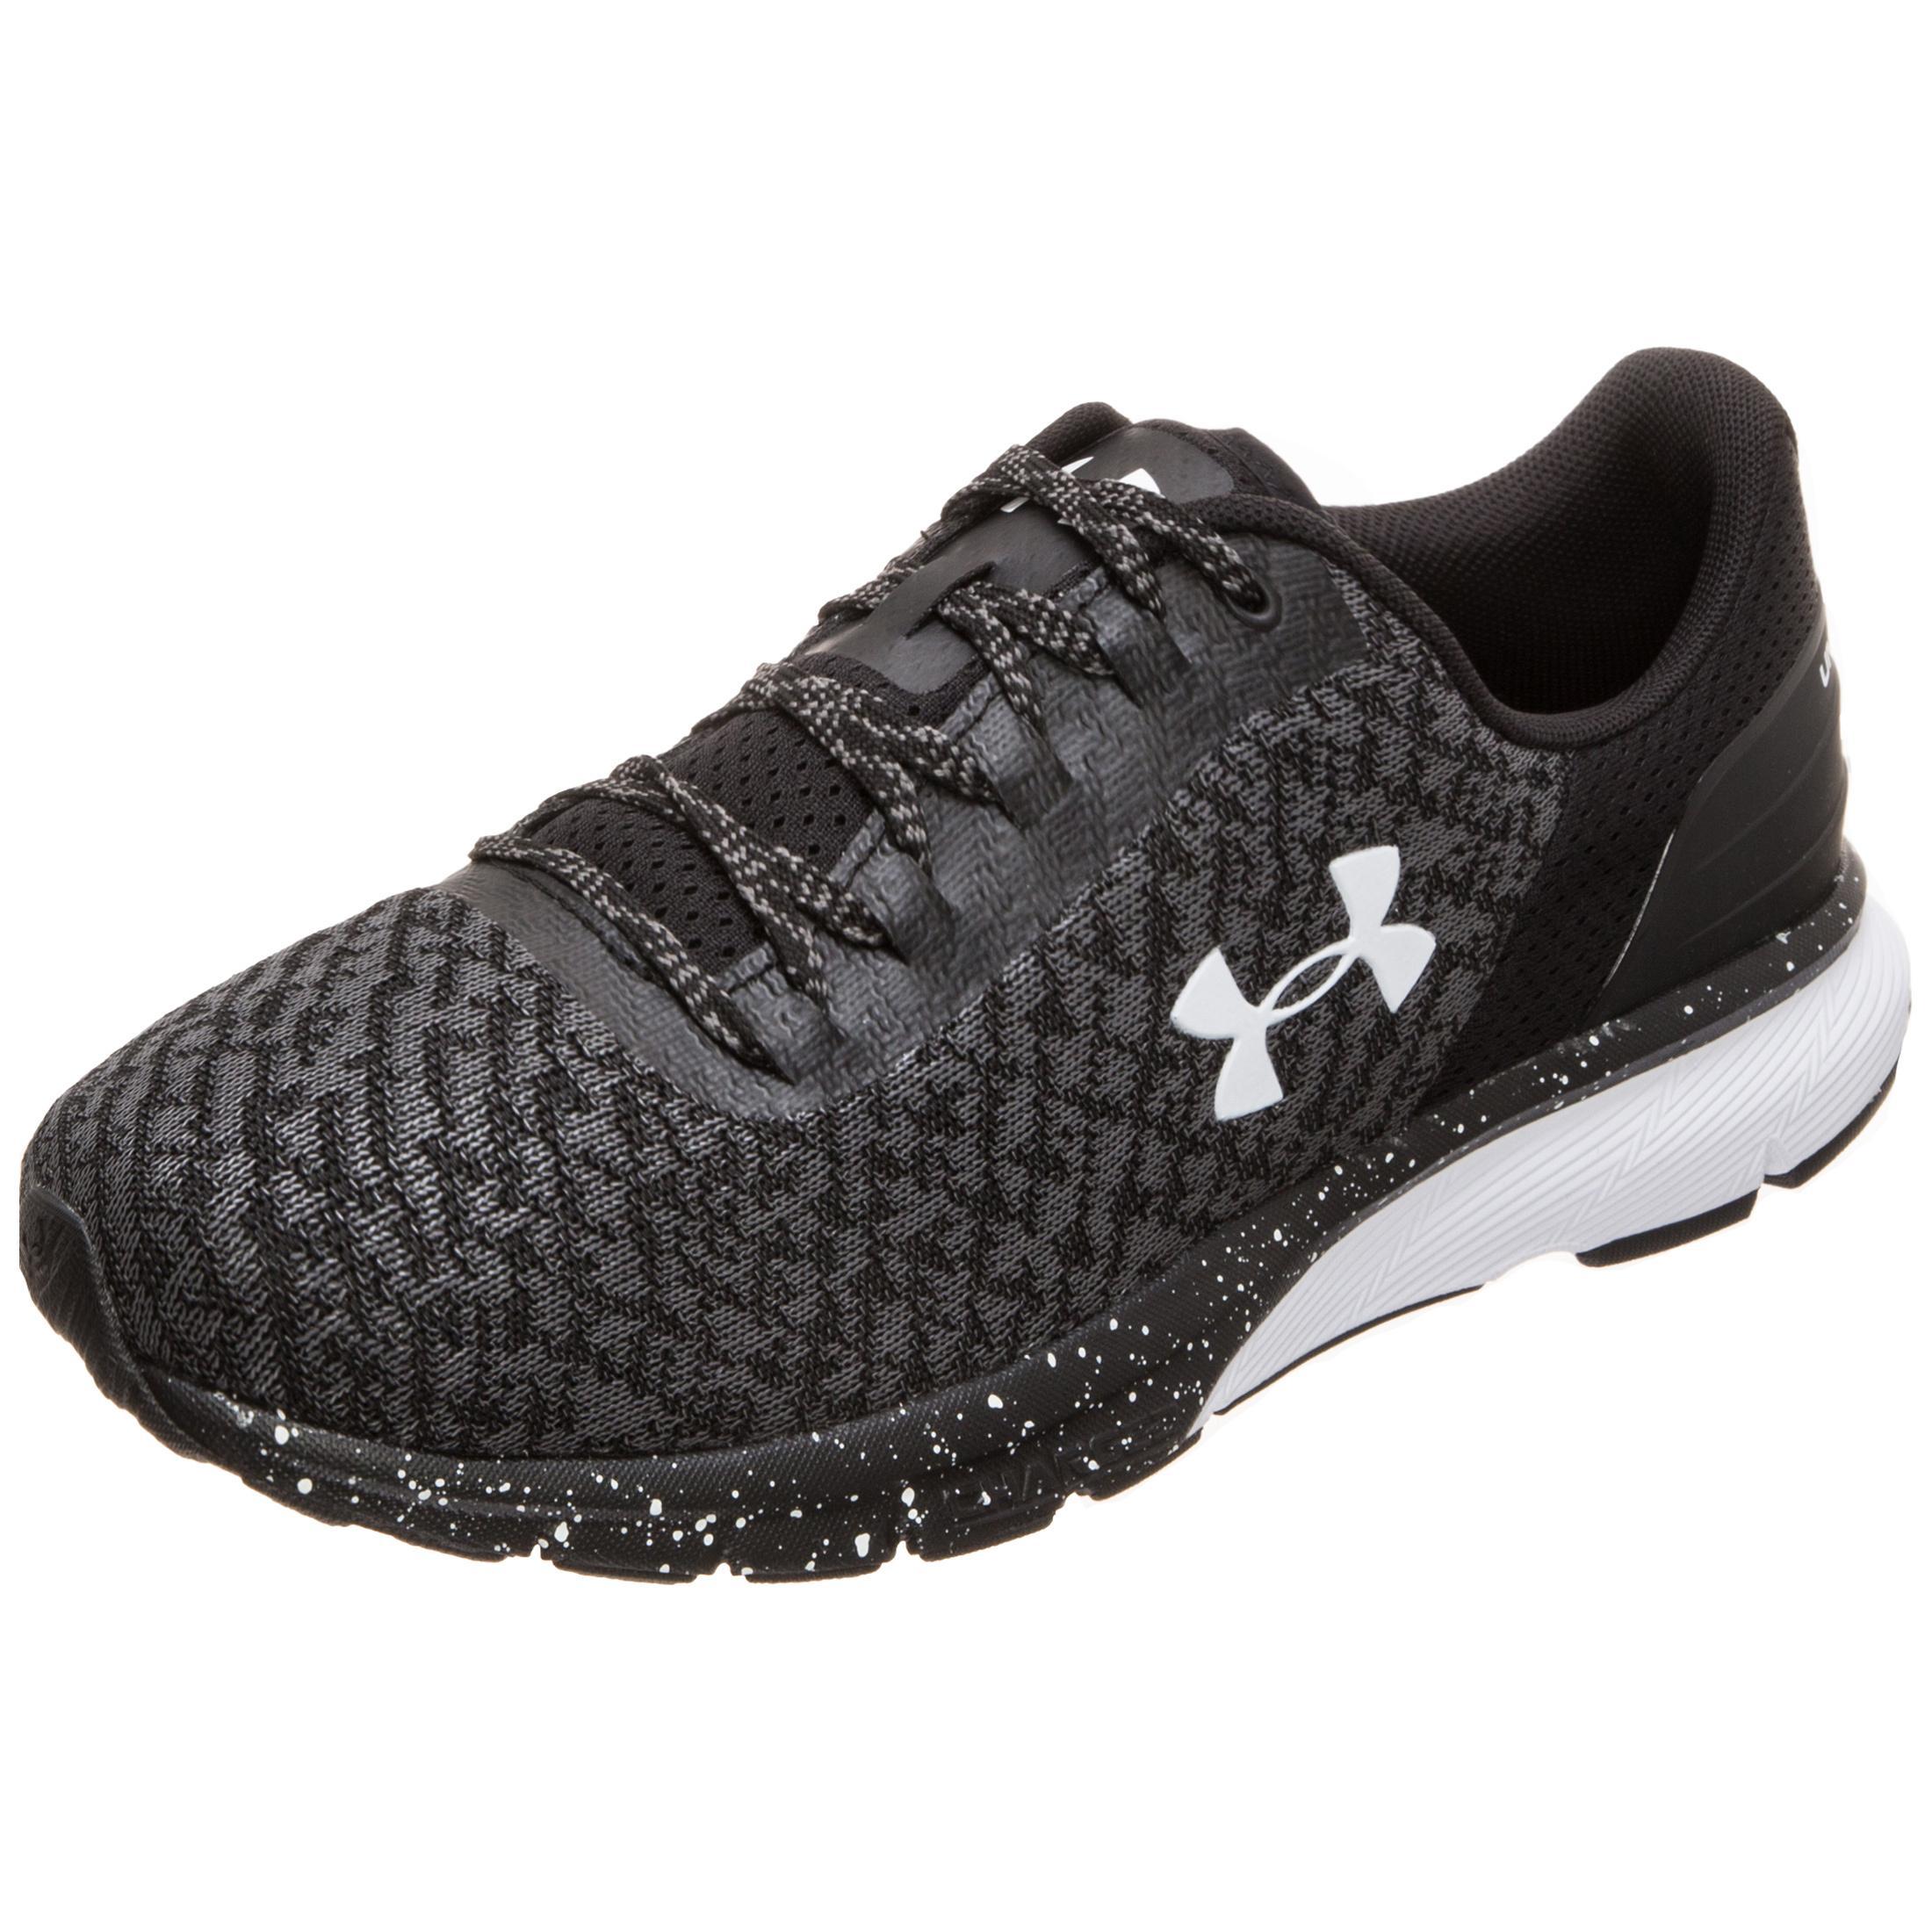 Under Armour Charged Escape 2 Laufschuhe Herren schwarz im Online Shop von SportScheck kaufen Gute Qualität beliebte Schuhe